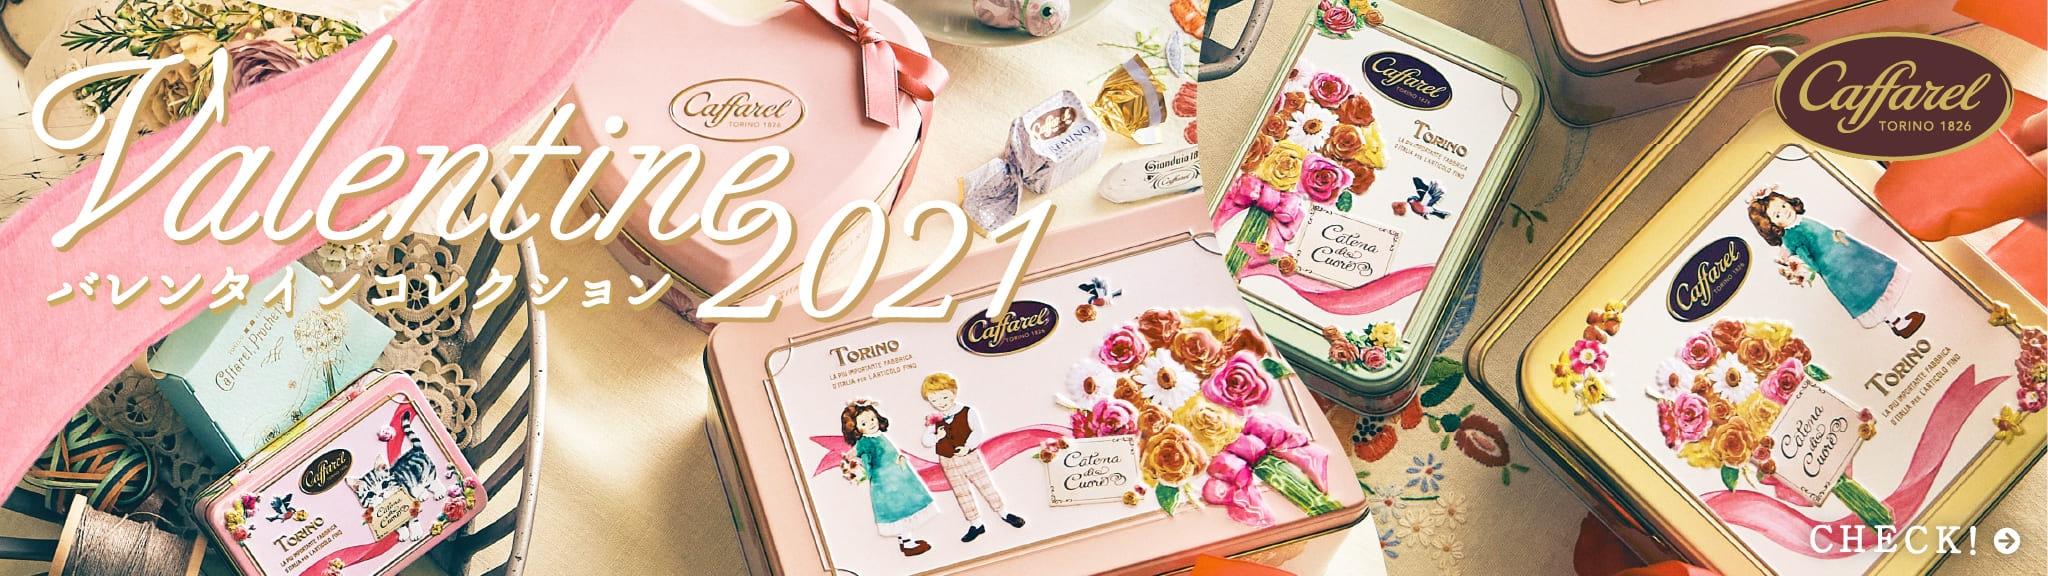 2021バレンタインチョコレートギフト